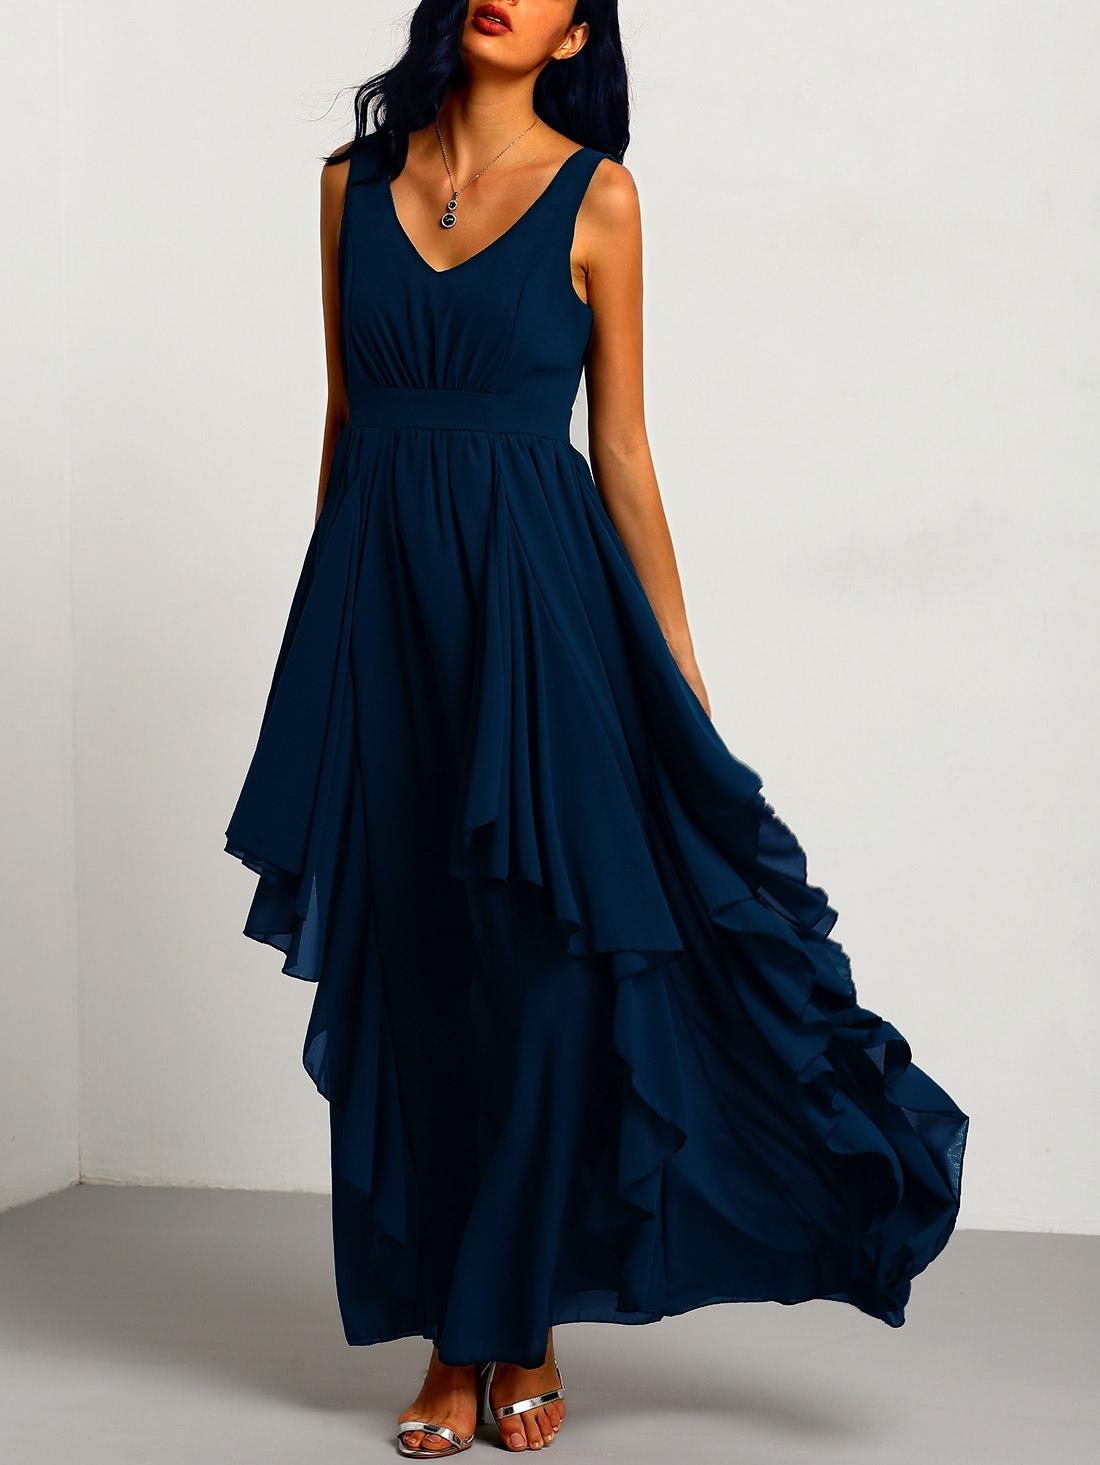 dress160905123_2